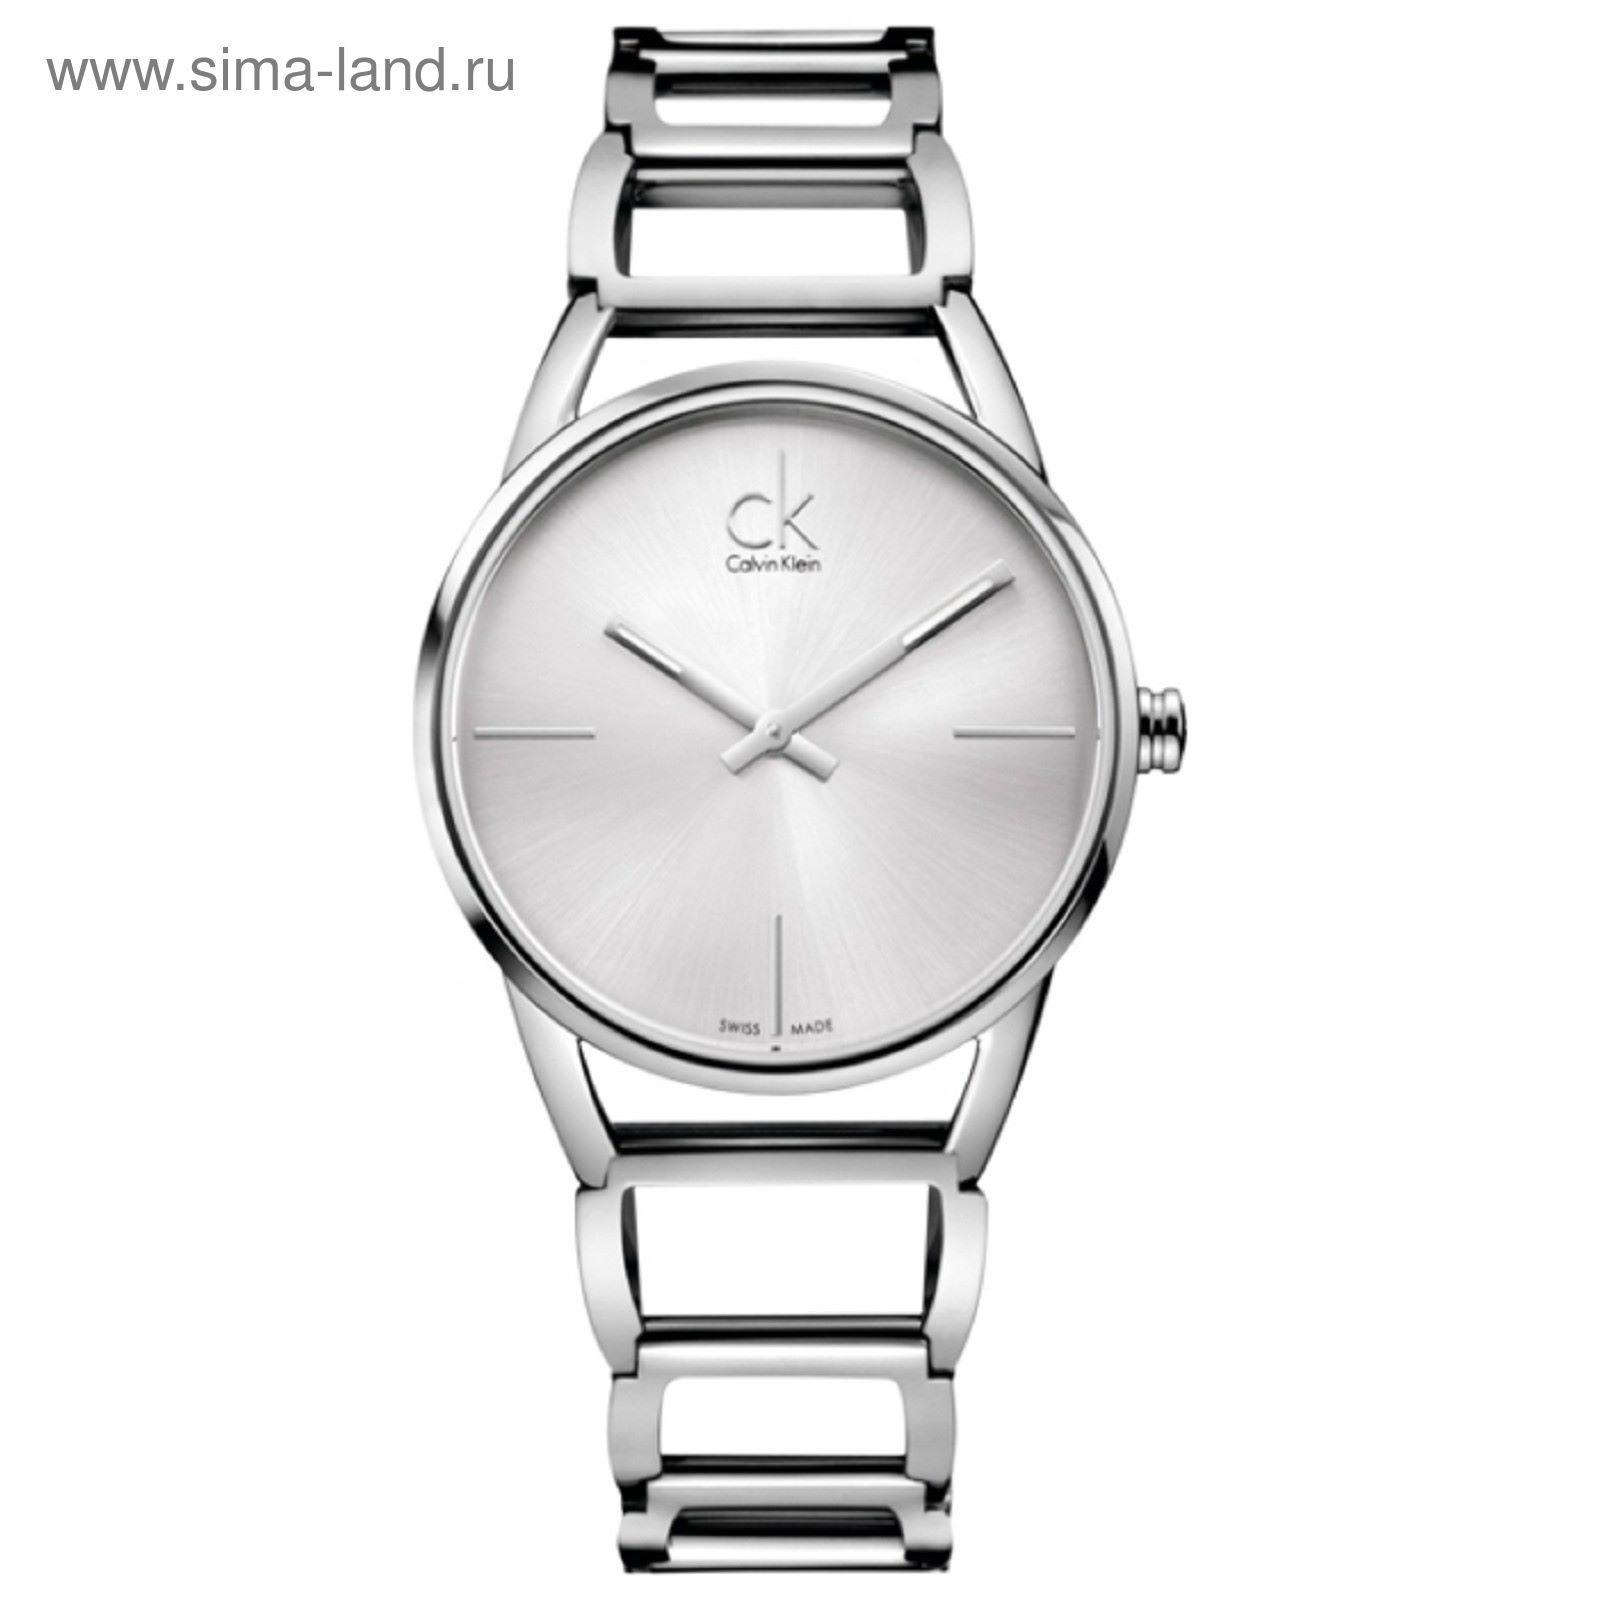 Наручные часы женские Calvin Klein K3G231.26 (1823246) - Купить по ... ca932ce68a6